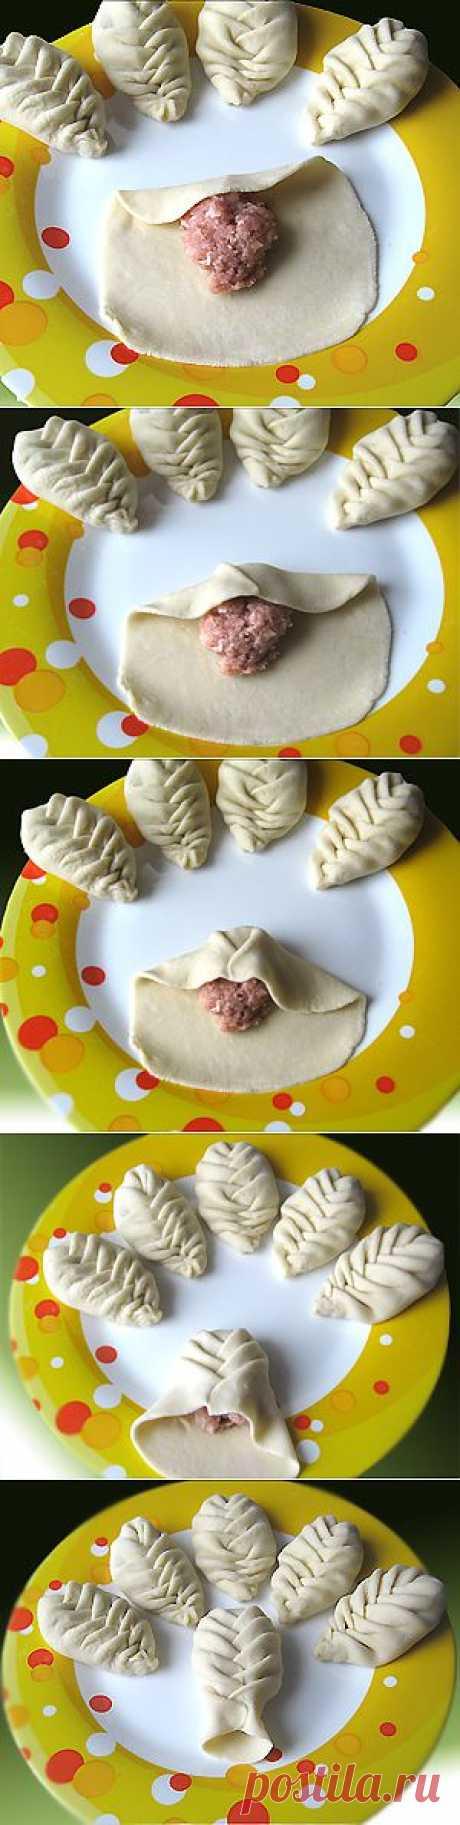 Как запеленать пельмени и пирожки?.